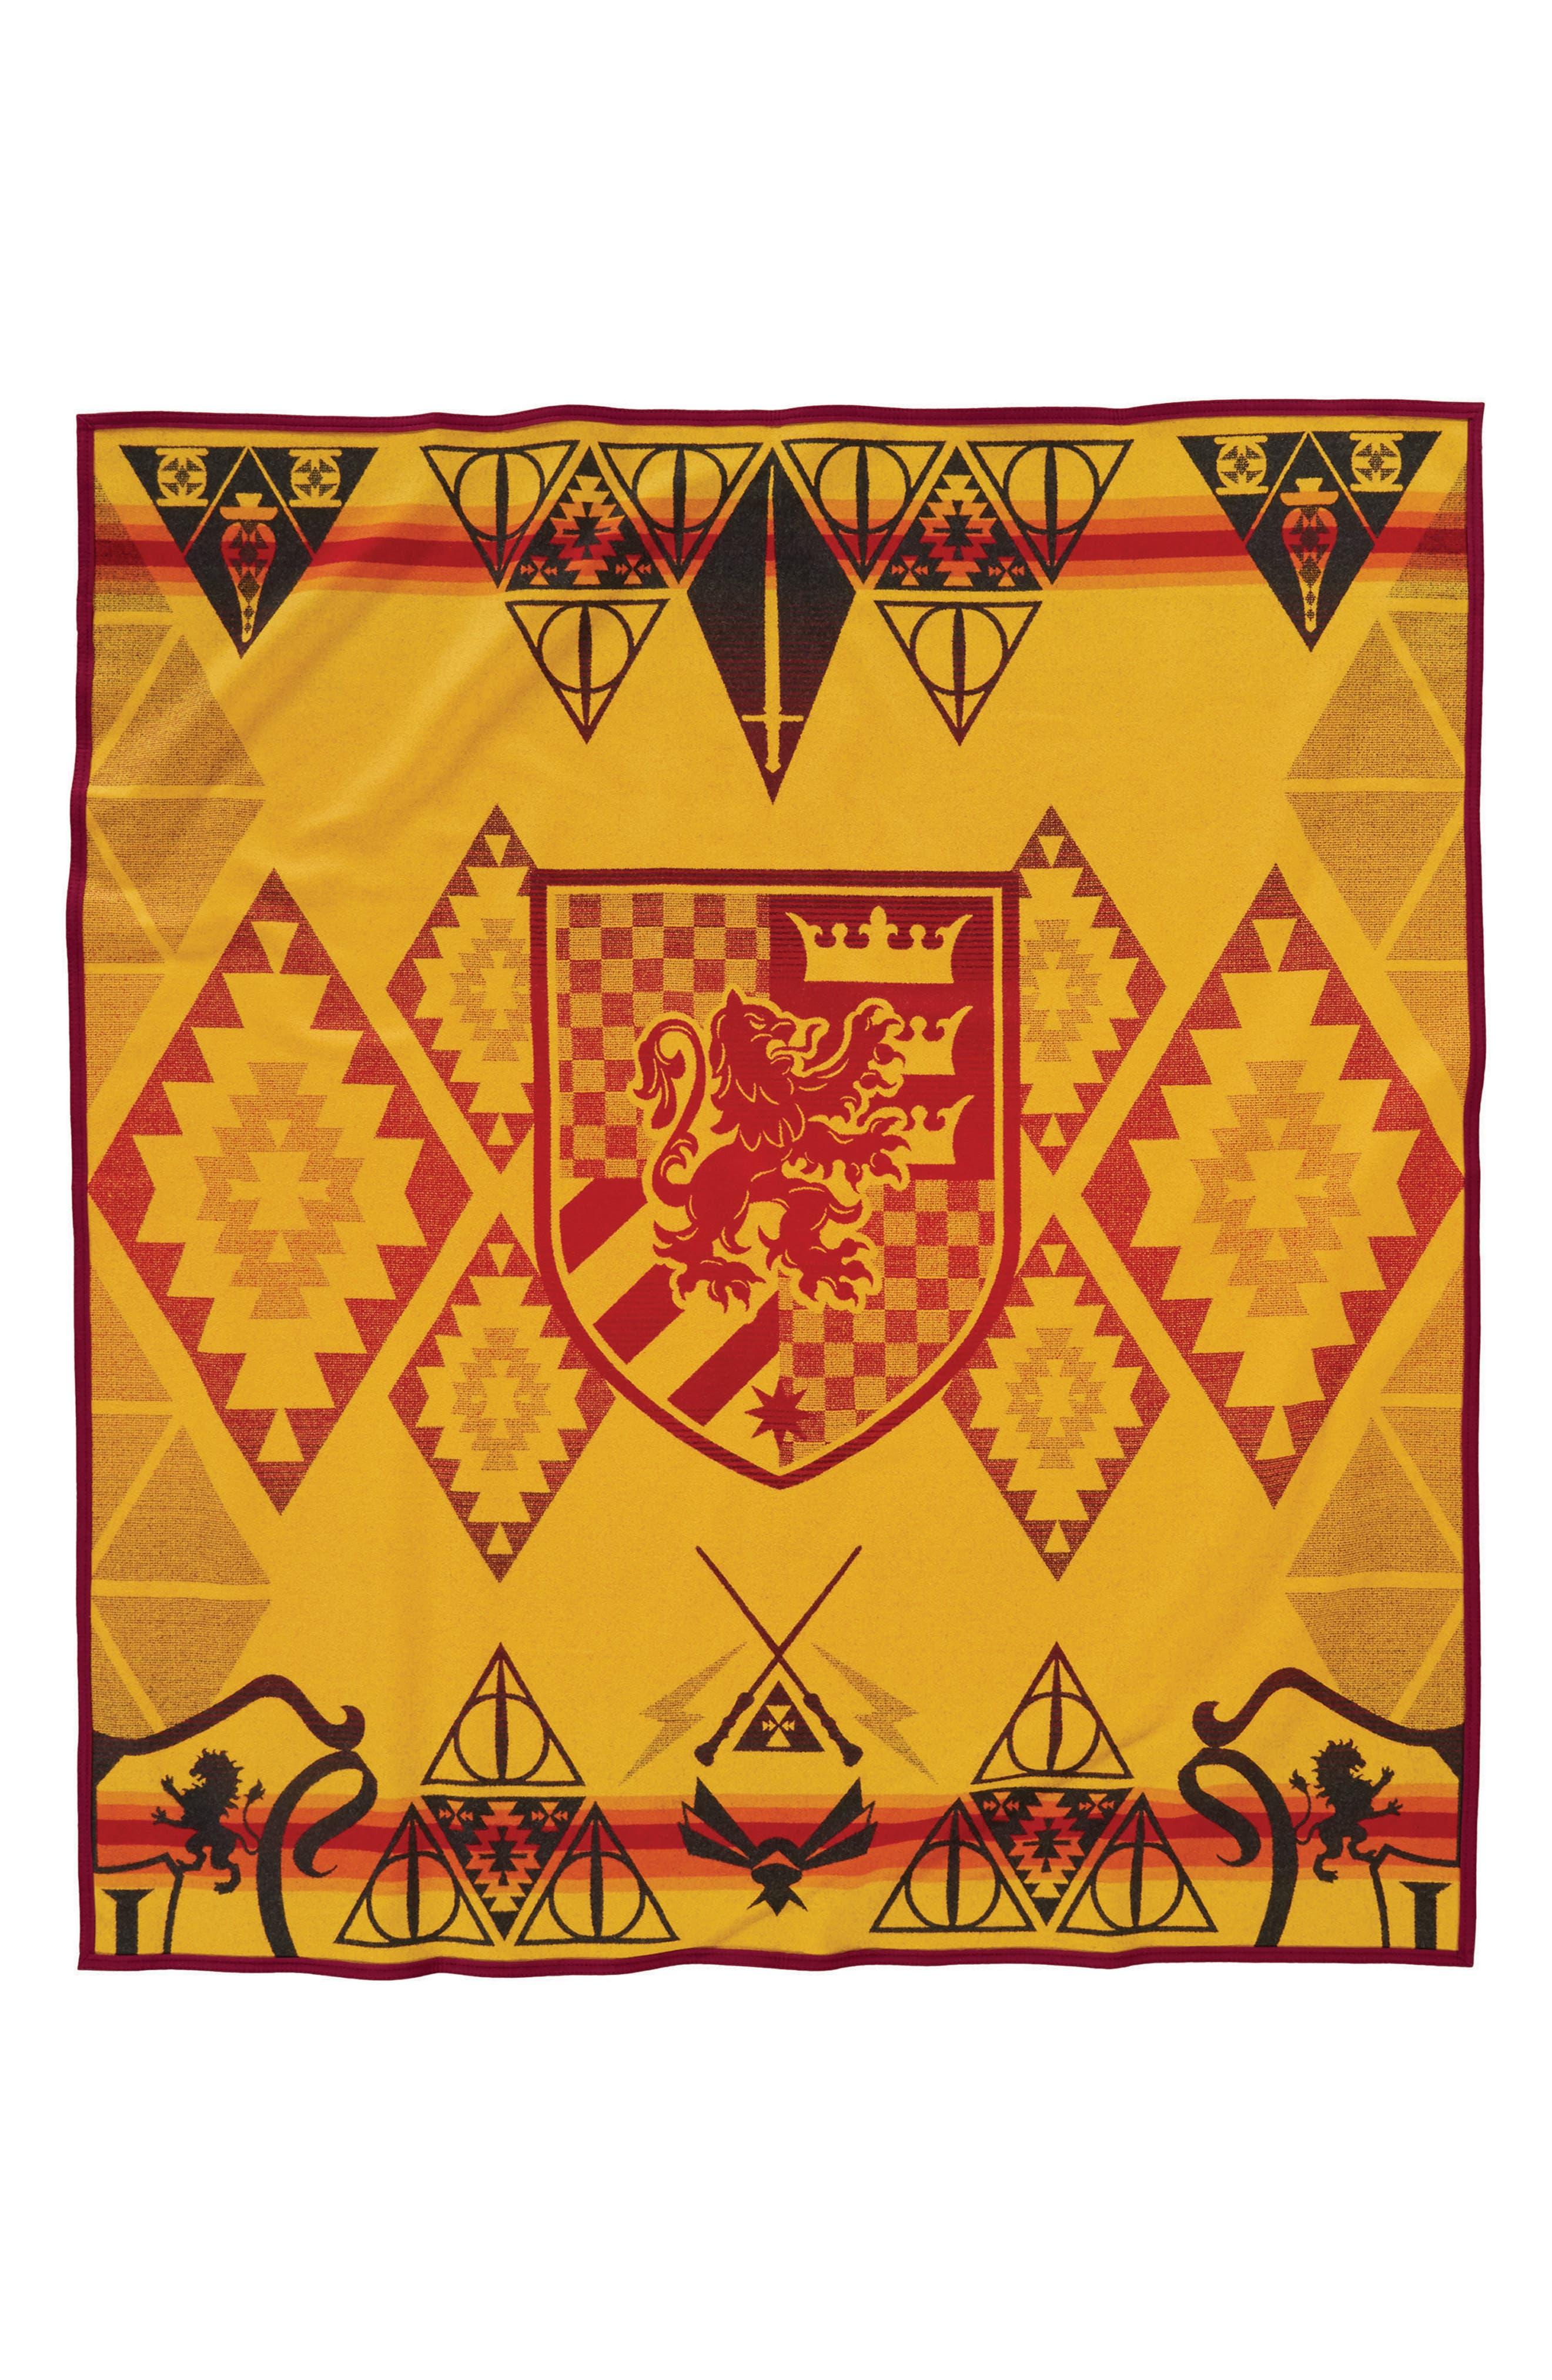 Harry Potter - Gryffindor Blanket,                             Alternate thumbnail 2, color,                             RED